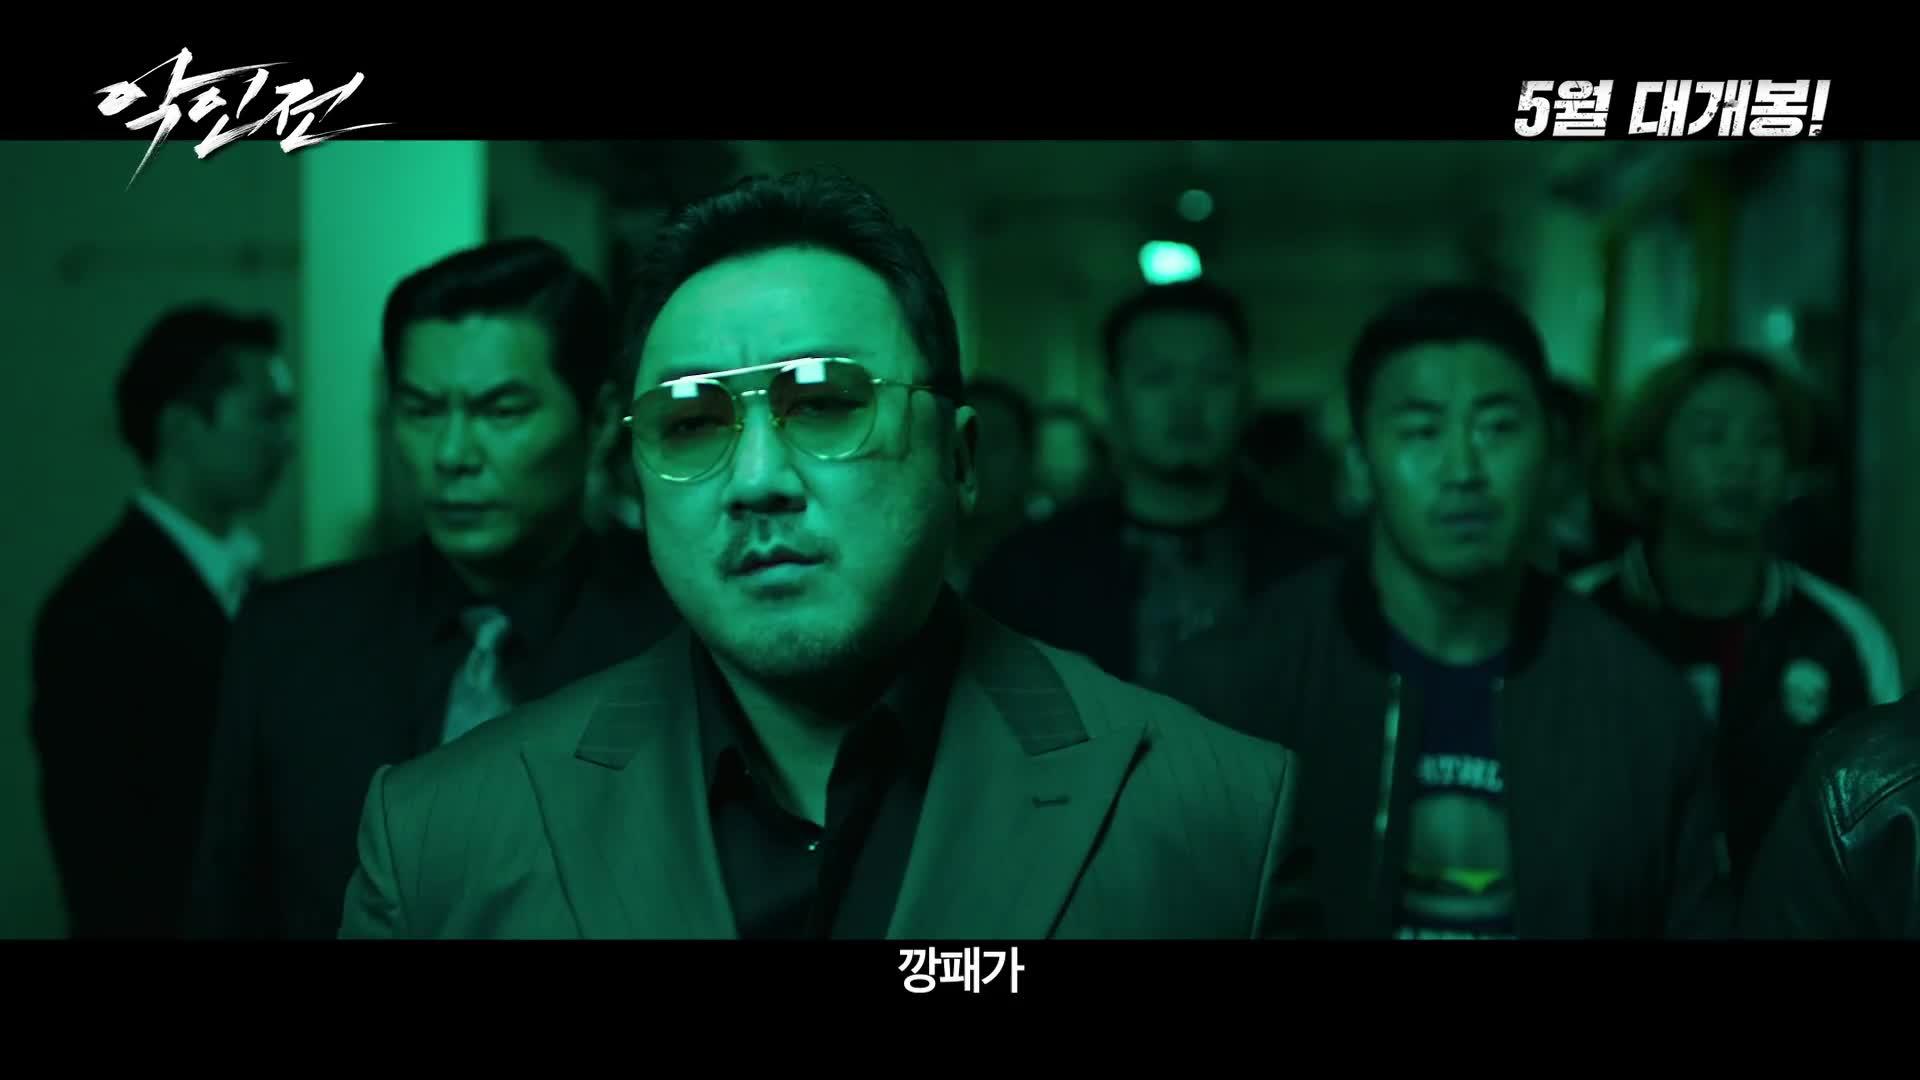 영화 [악인전] 메인 예고편 - 마동석